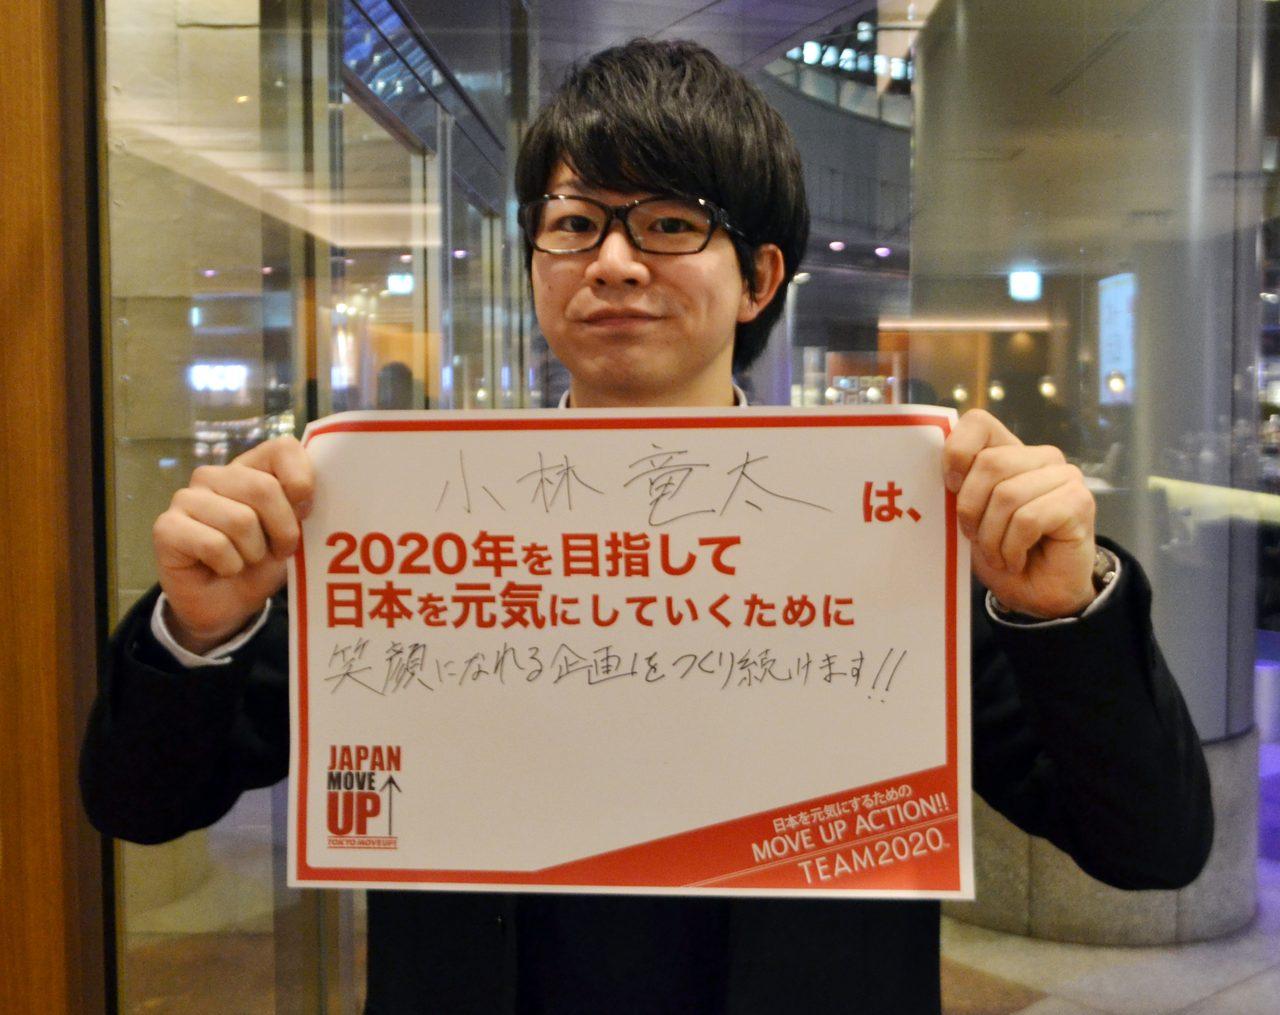 画像: 今日のアクション宣言!日本を元気にするために自分ができること…「笑顔になれる企画をつくり続けます!!」